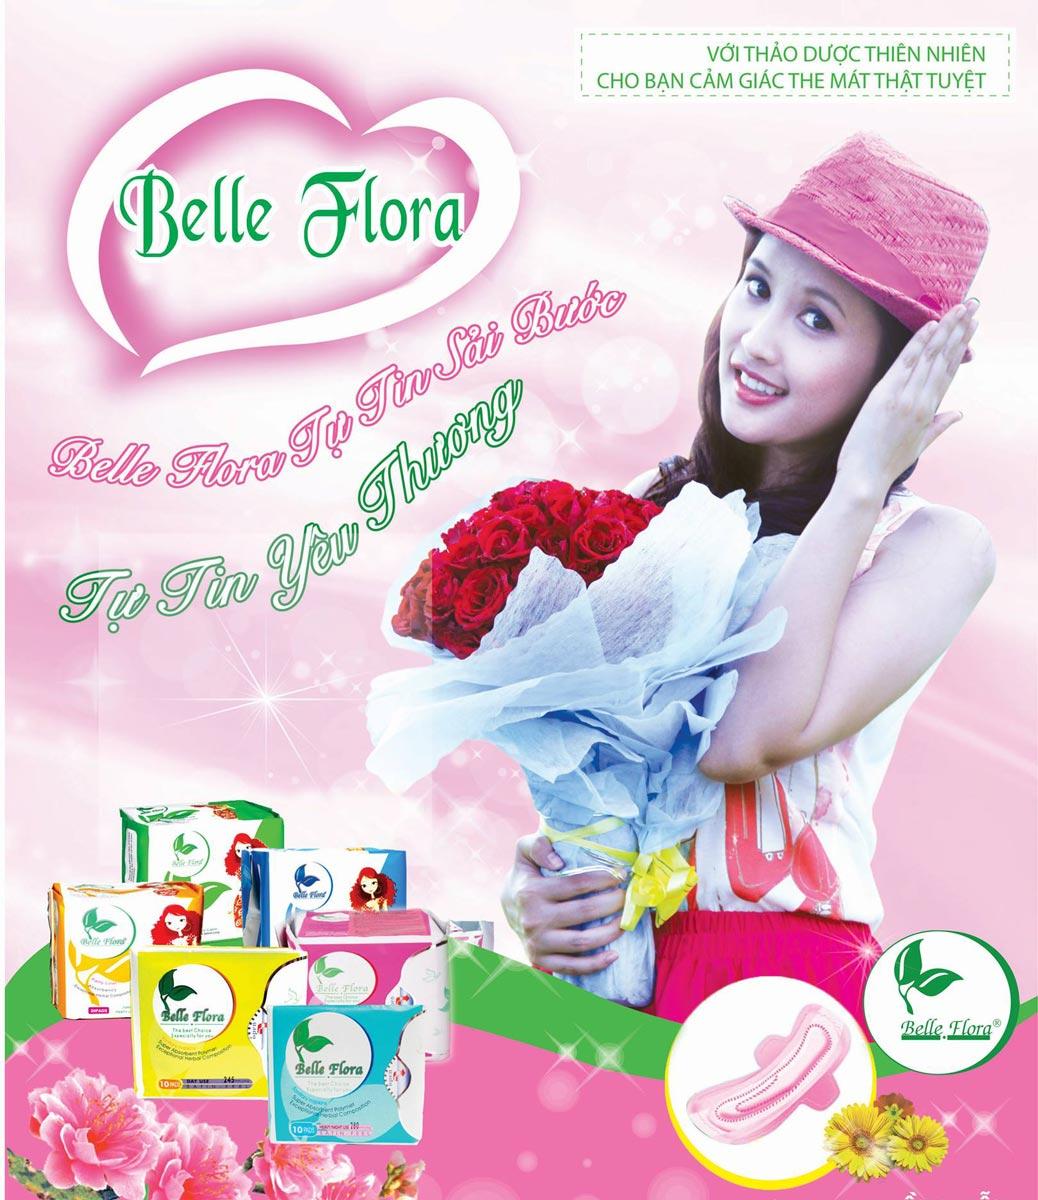 Băng Vệ Sinh Belle Flora Lưới Lụa nhập khẩu chính hãng Đài Loan hiện đã có mặt tại Hasaki